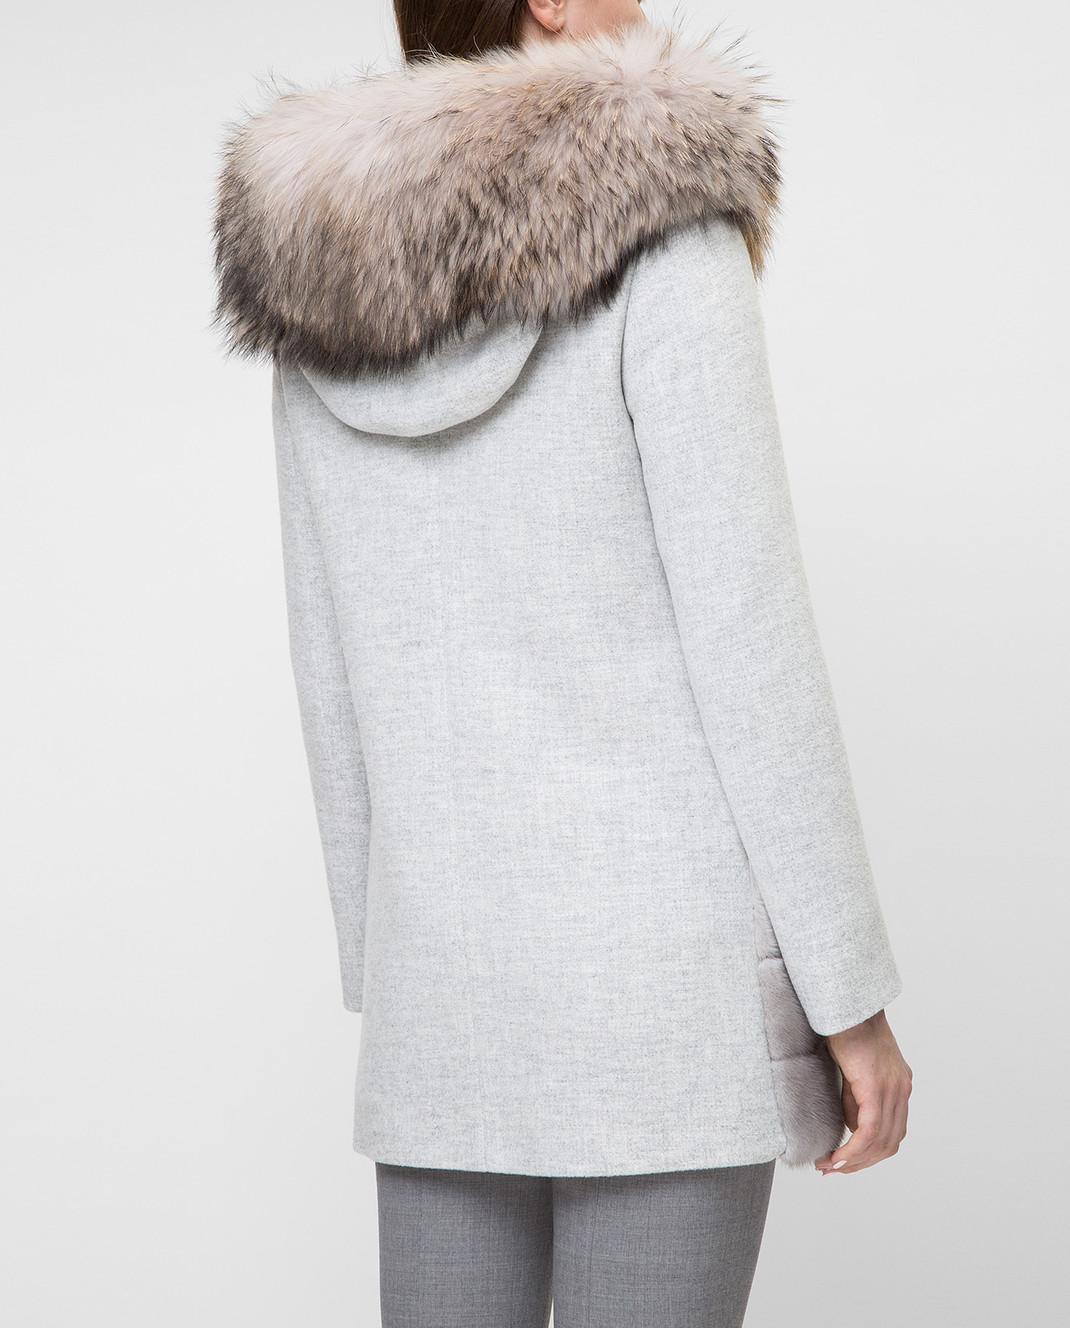 Real Furs House Серое пальто с мехом енота 922RFH изображение 4